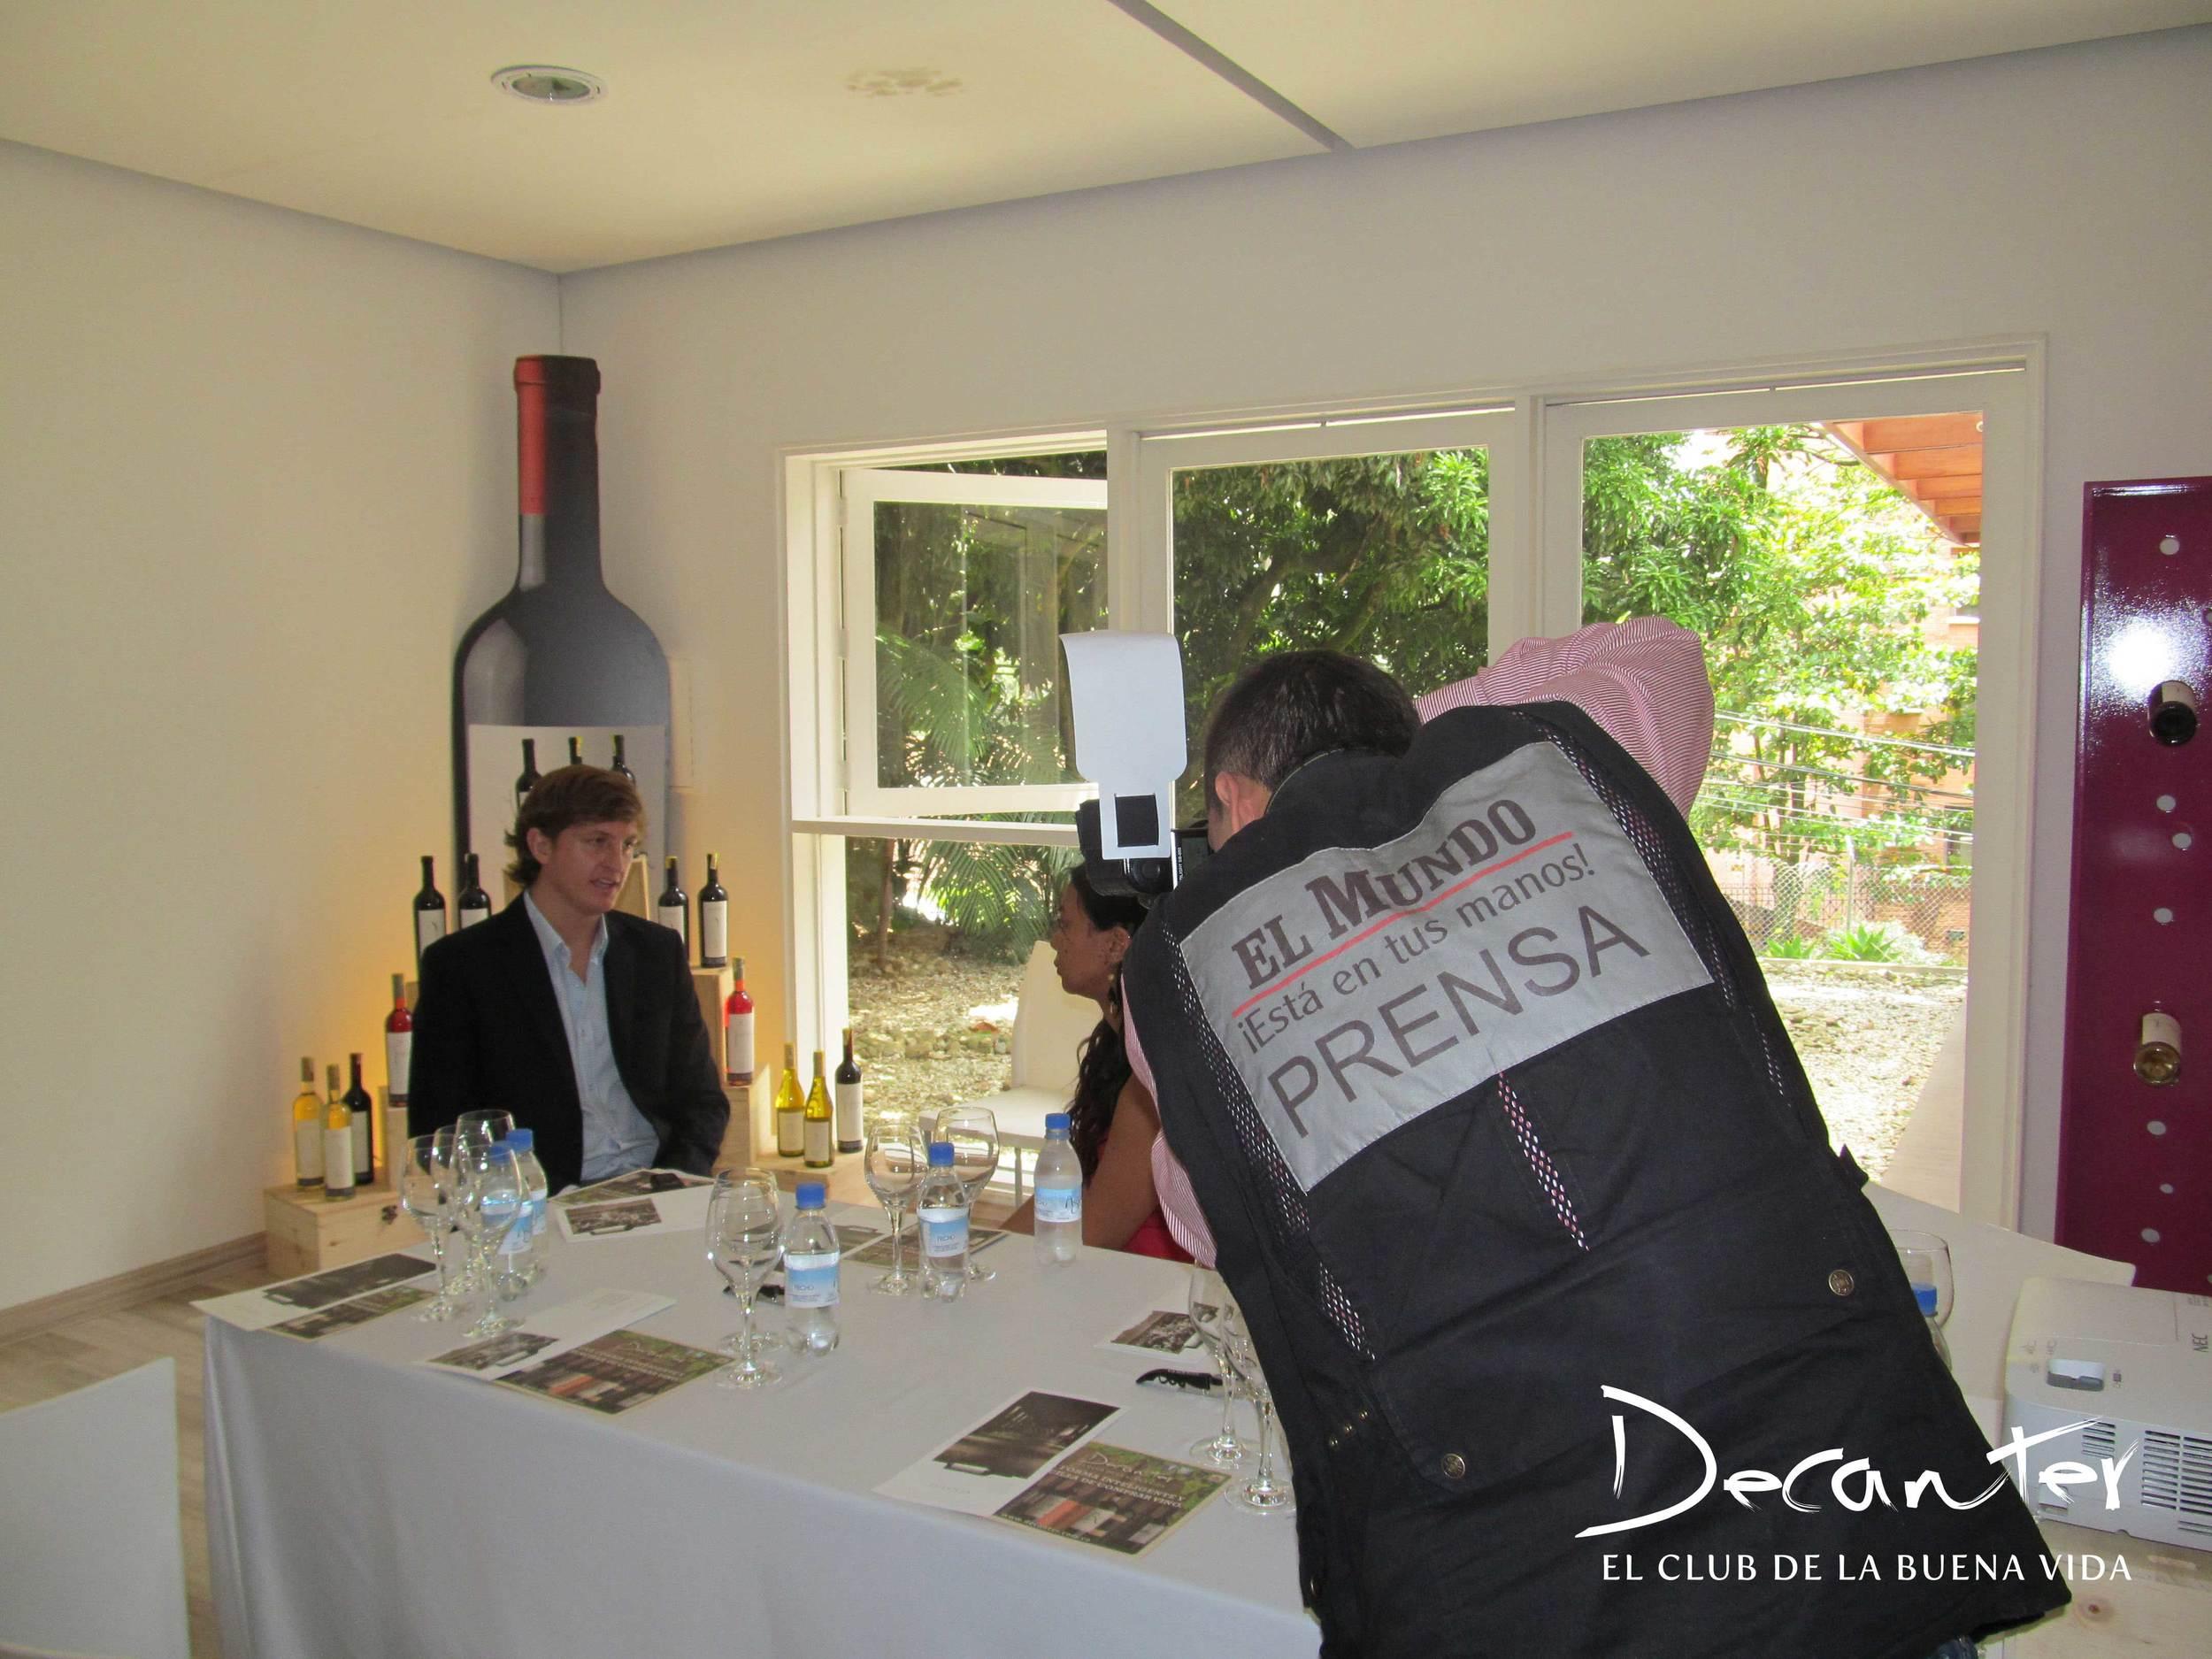 La visita a Colombia de Diego Pulenta despertó el interés de diversos medios de prensa, entre ellos El Mundo, El Colombiano, El Espectador y Noticias Uno.